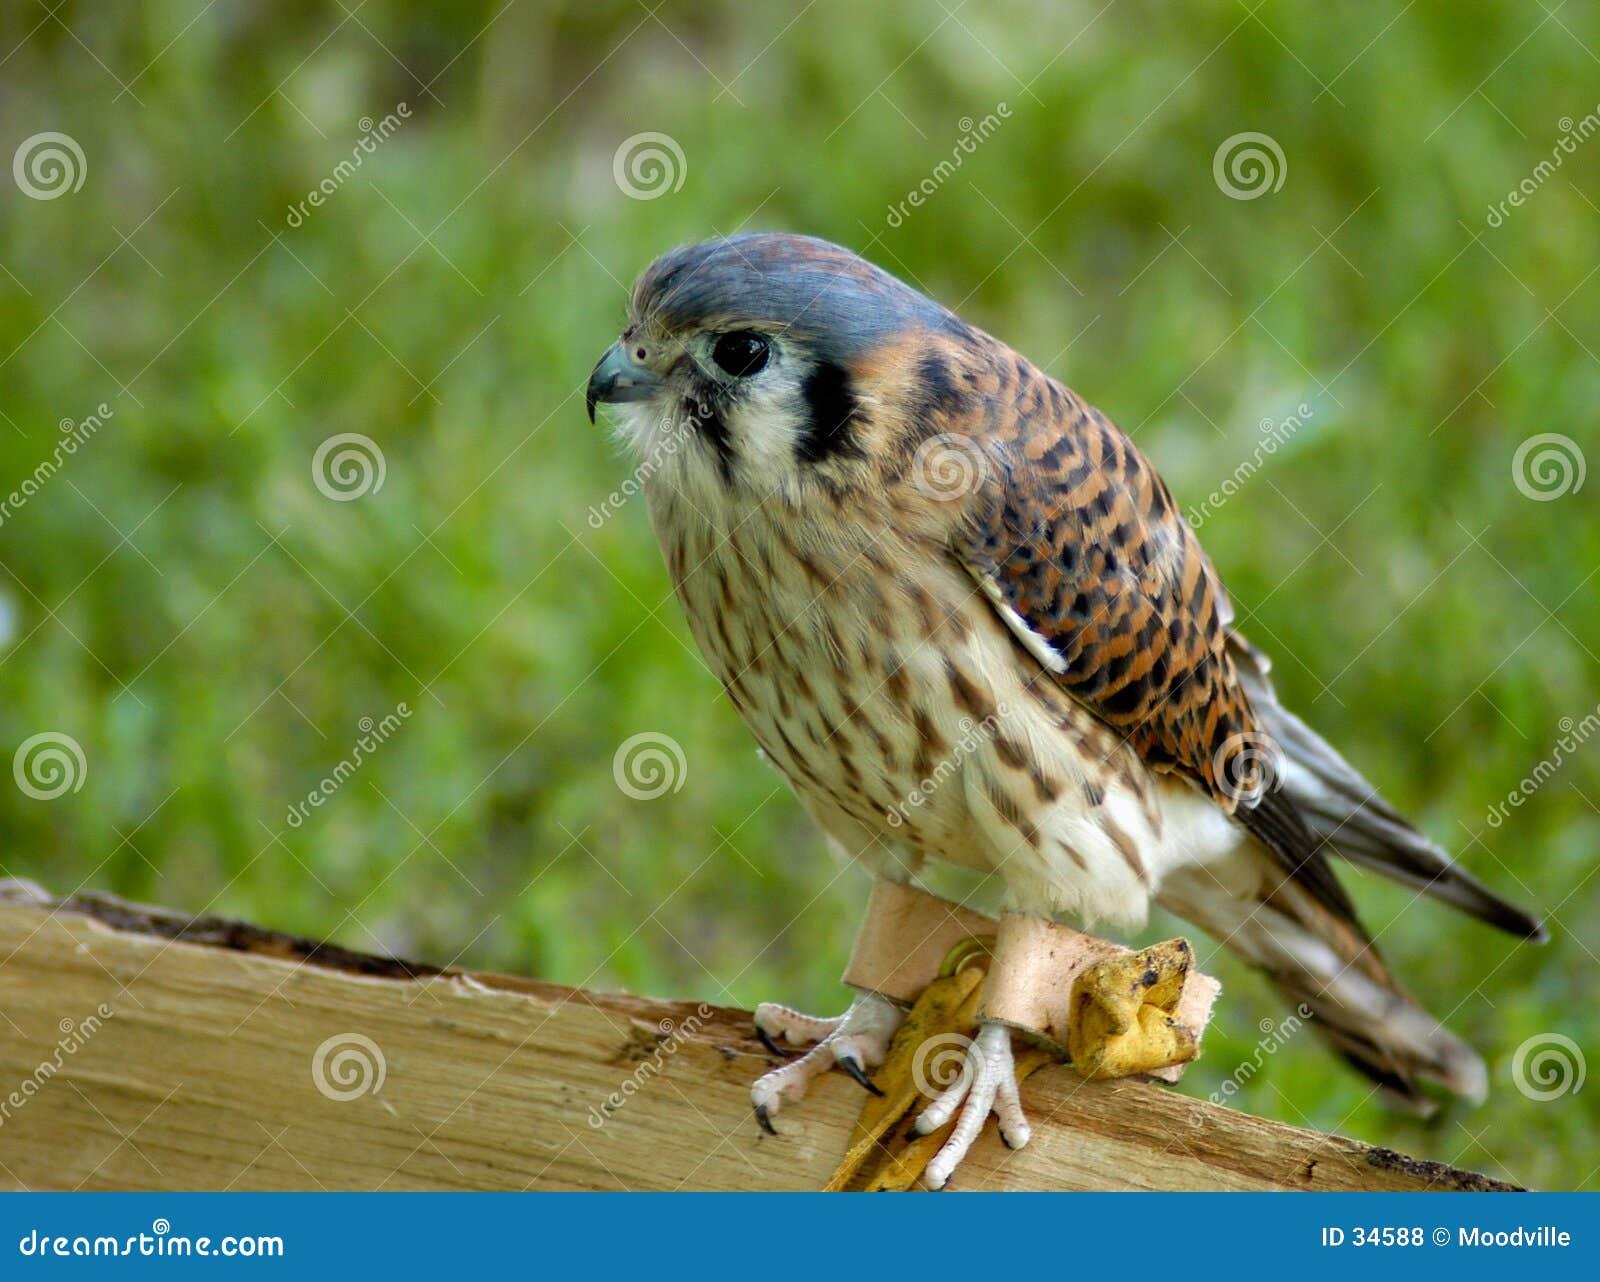 Download Roofvogel - Torenvalk stock foto. Afbeelding bestaande uit veren - 34588